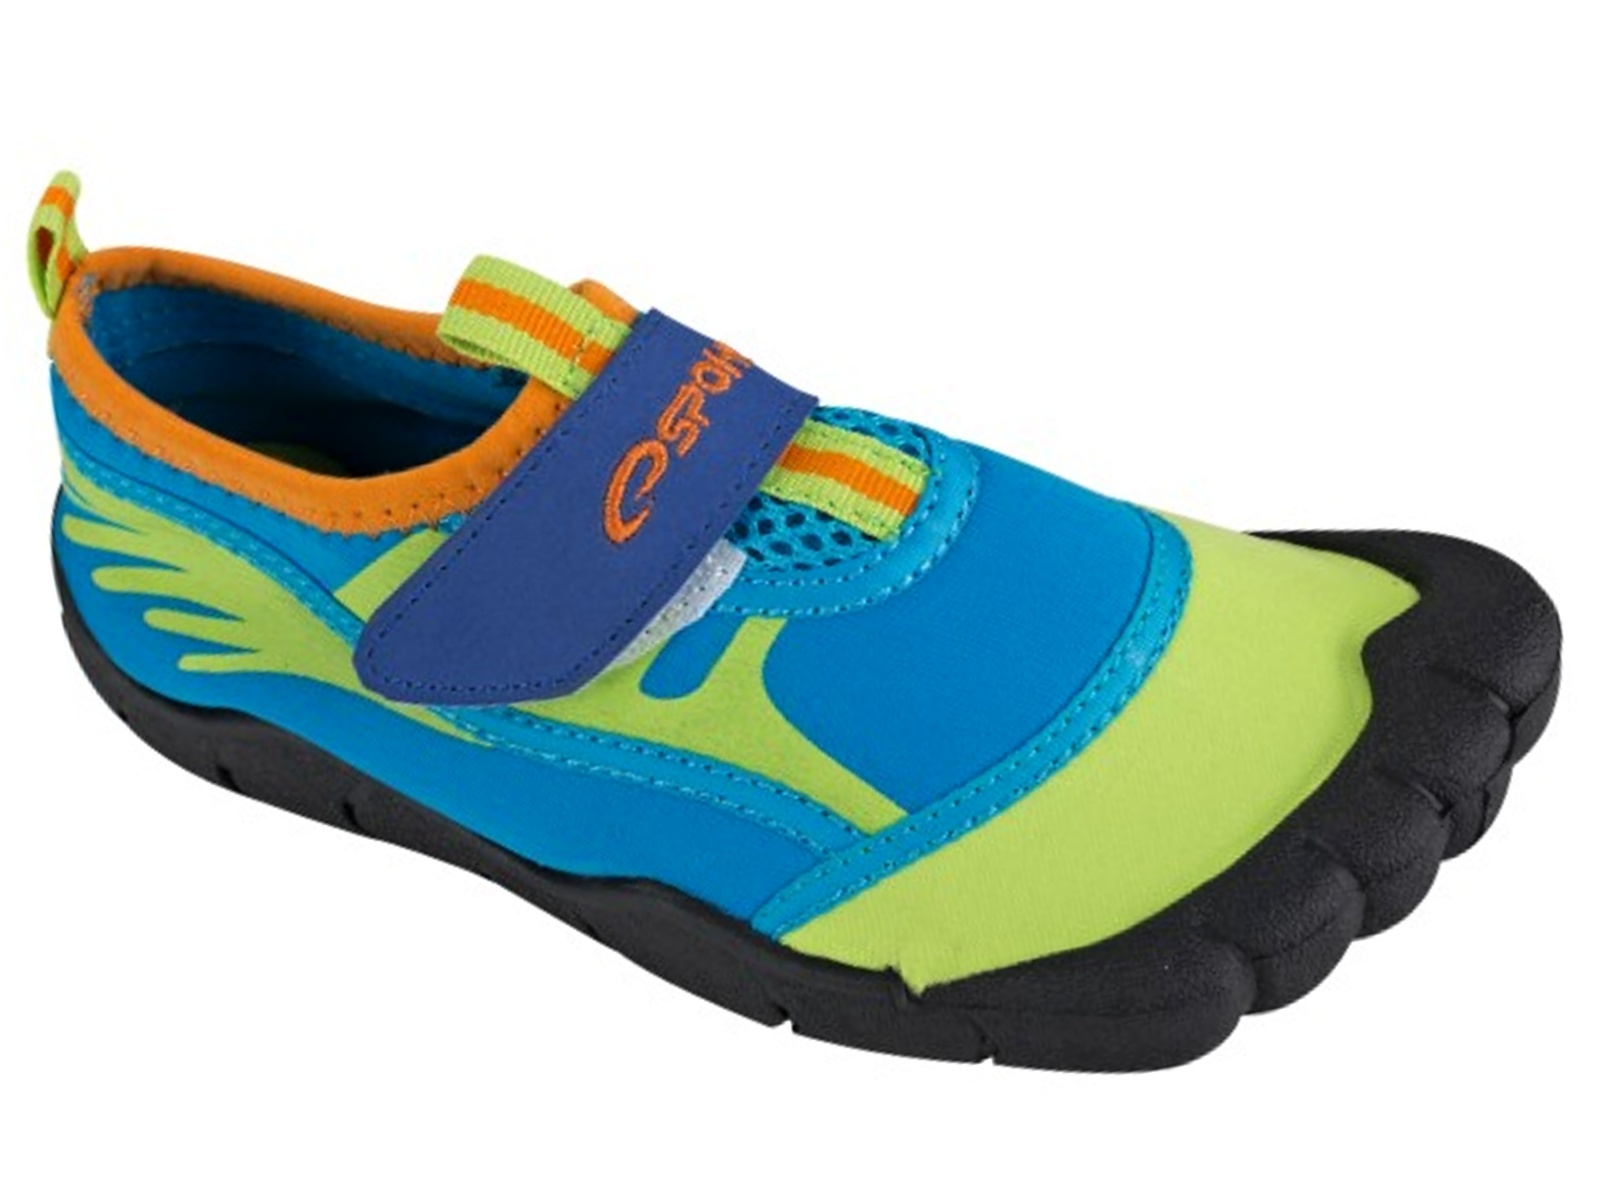 Boty do vody SPOKEY Seafoot chlapecké modré - vel. 28